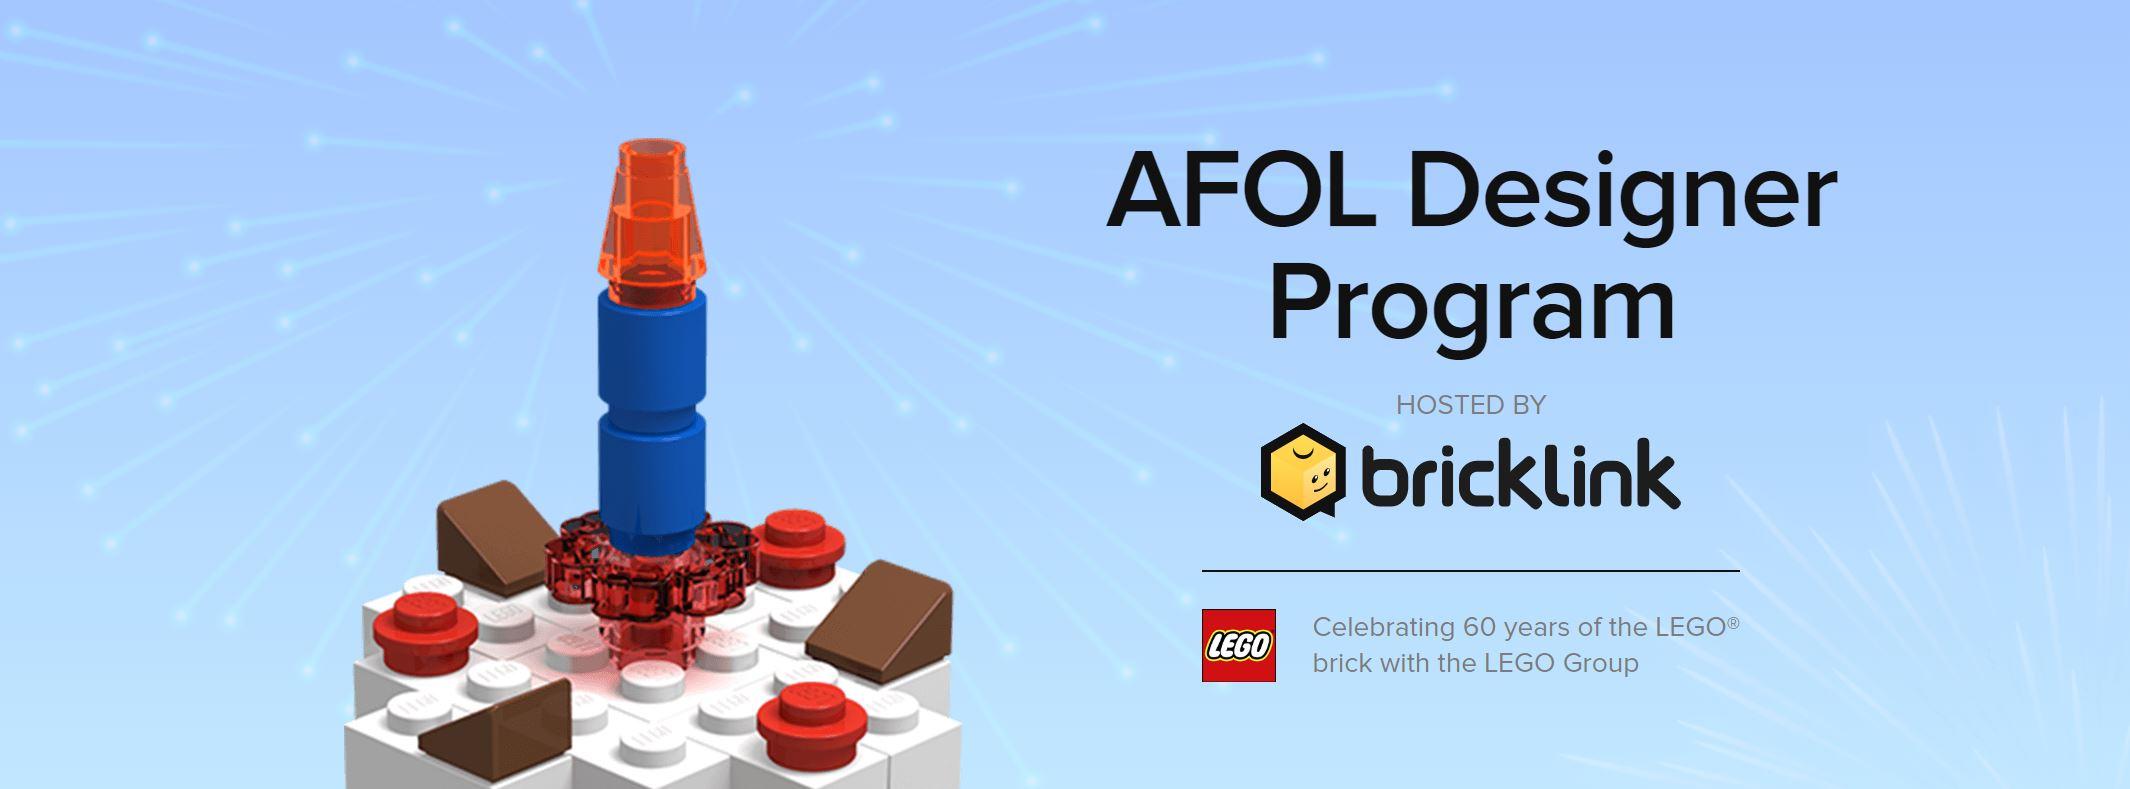 BrickLink AFOL Designer Program